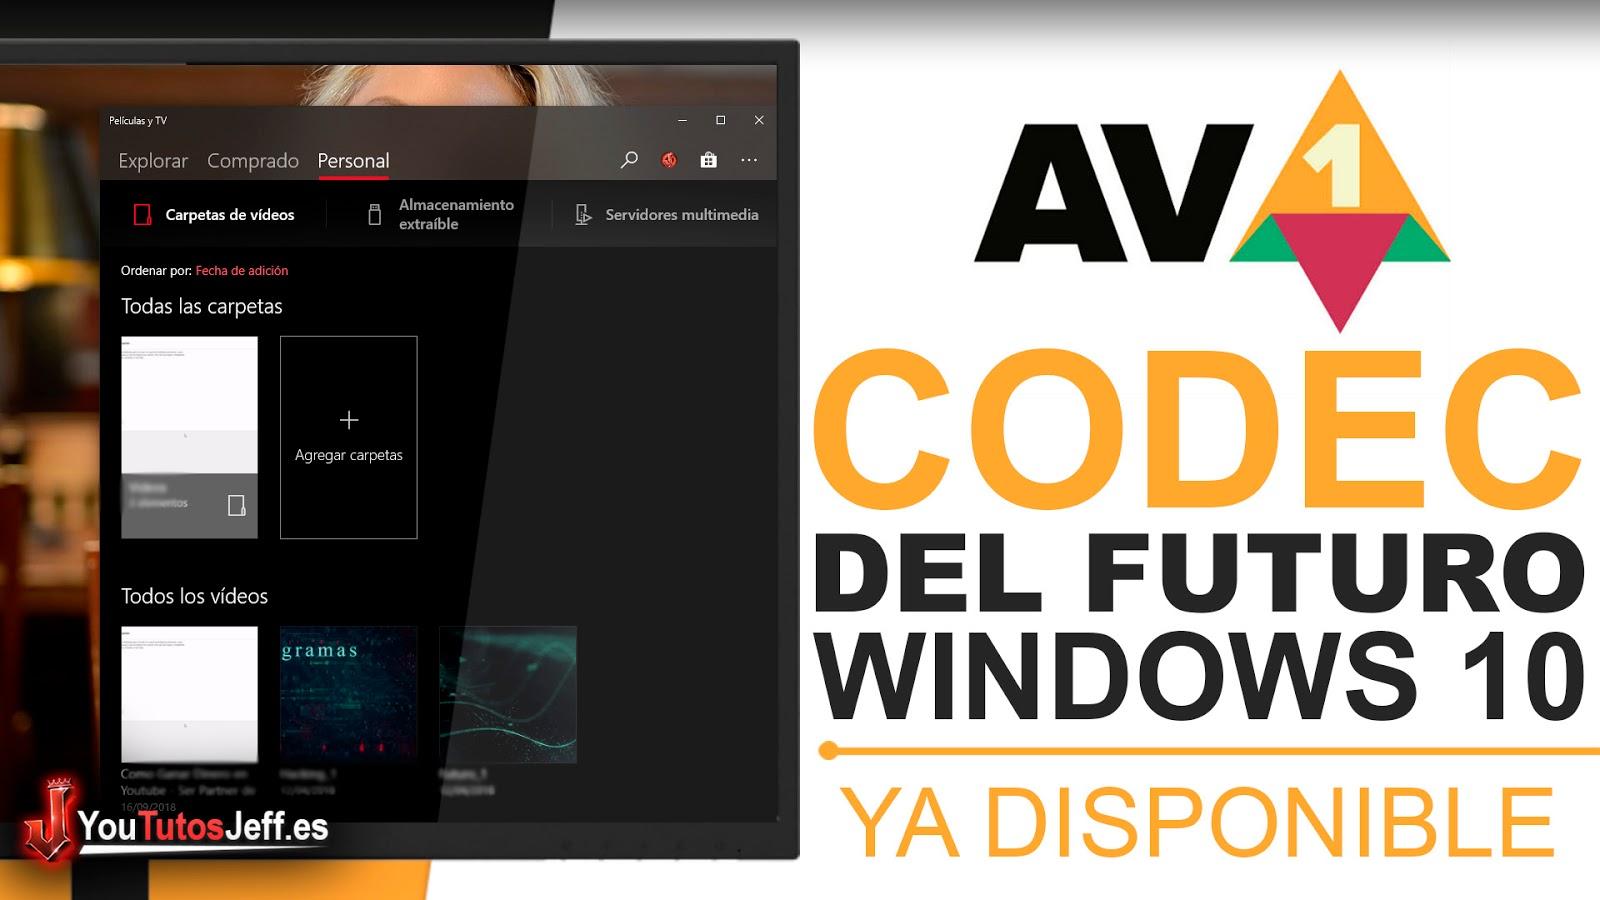 Descargar el Codec Mas Potente(AV1) para Windows 10 - Trucos Windows 10